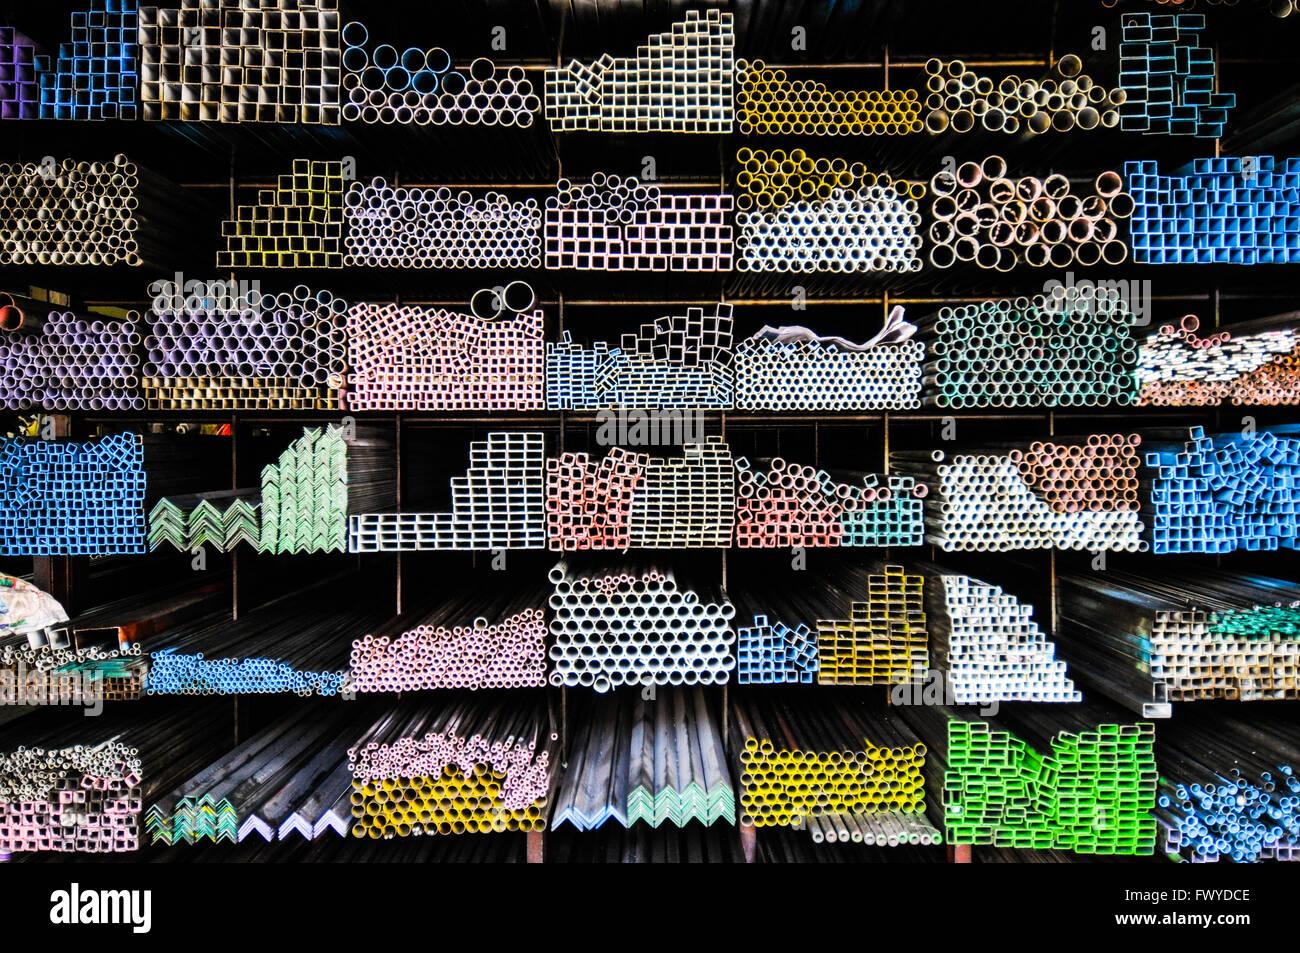 Hardware Shop Stockfotos & Hardware Shop Bilder - Seite 2 - Alamy